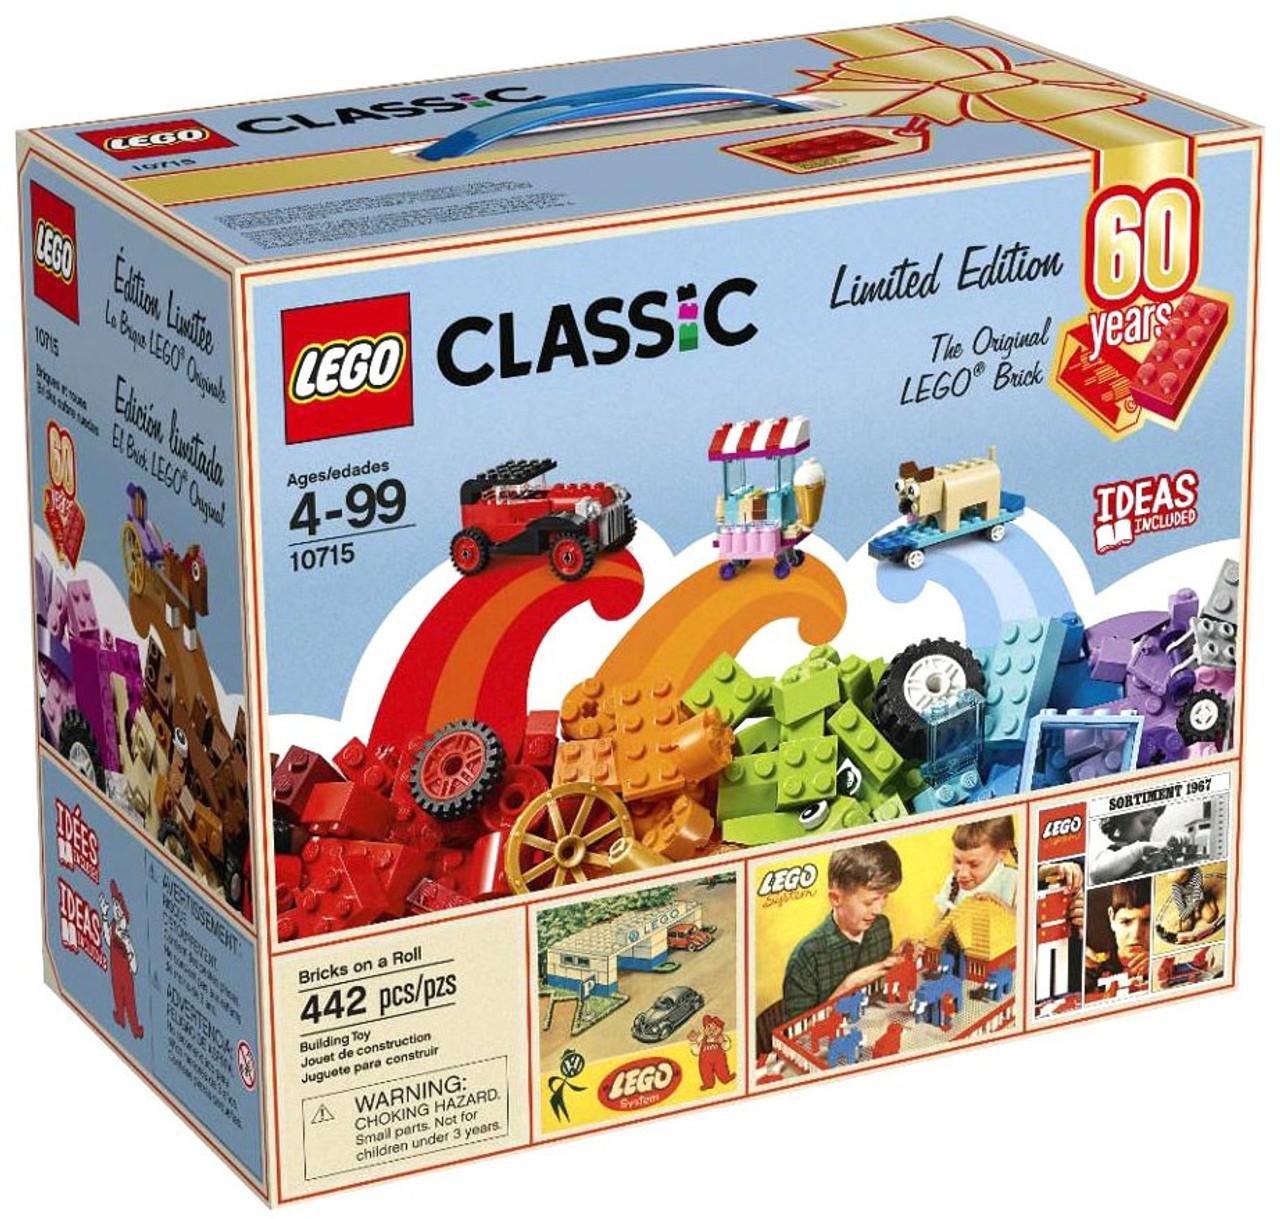 Lego Classic 60 Years Limited Edition Bricks On A Roll Set 10715 10709 Orange Creativity Box Toywiz